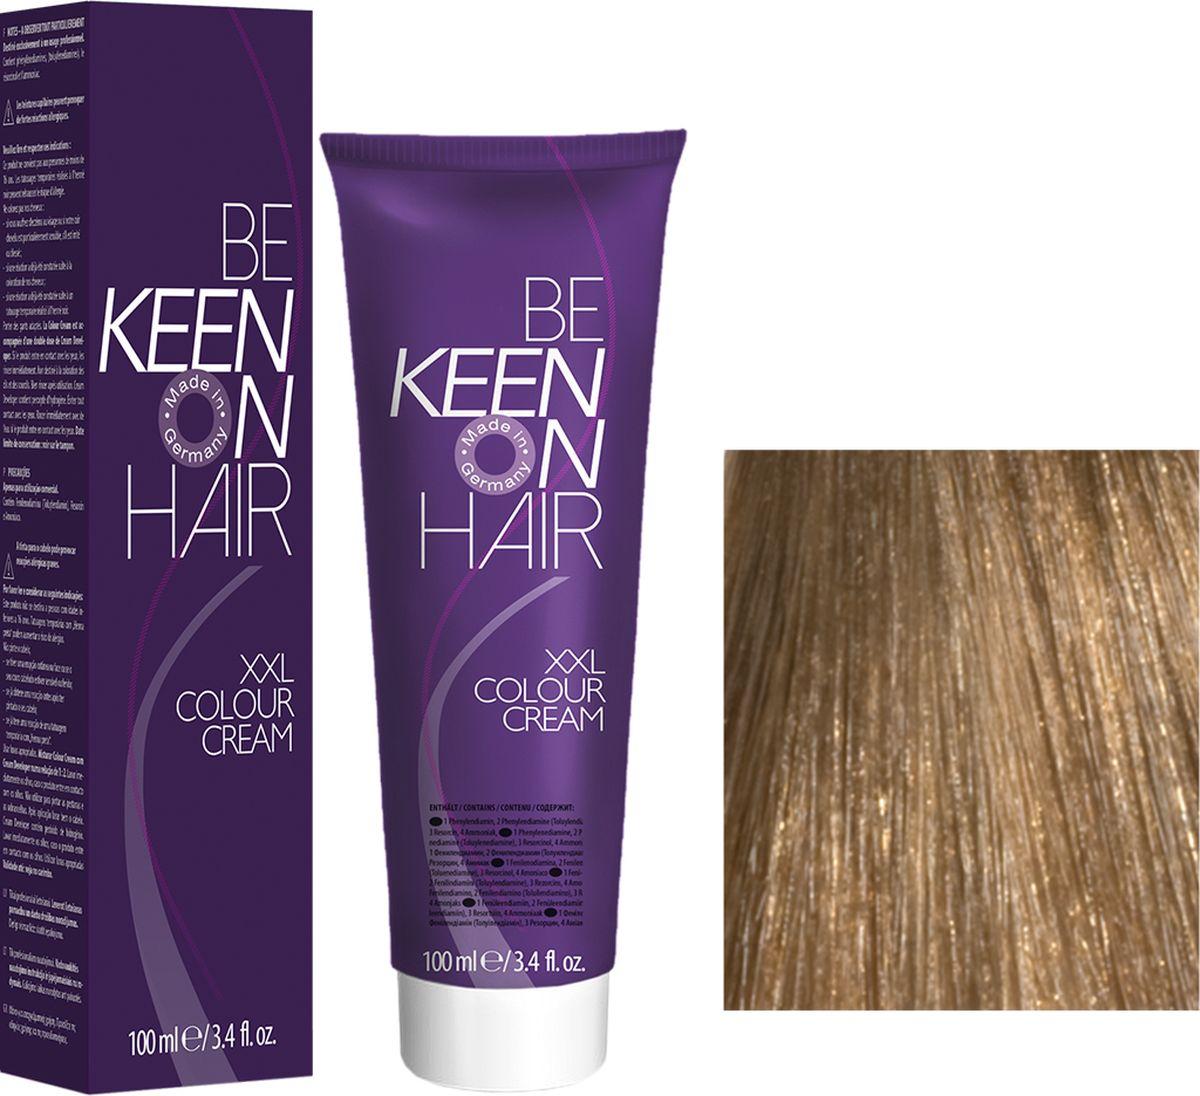 Keen Краска для волос 8.0 Блондин Blond, 100 мл69100070Модные оттенкиБолее 100 оттенков для креативной комбинации цветов.ЭкономичностьПри использовании тюбика 100 мл вы получаете оптимальное соотношение цены и качества!УходМолочный белок поддерживает структуру волоса во время окрашивания и придает волосам блеск и шелковистость. Протеины хорошо встраиваются в волосы и снабжают их влагой.